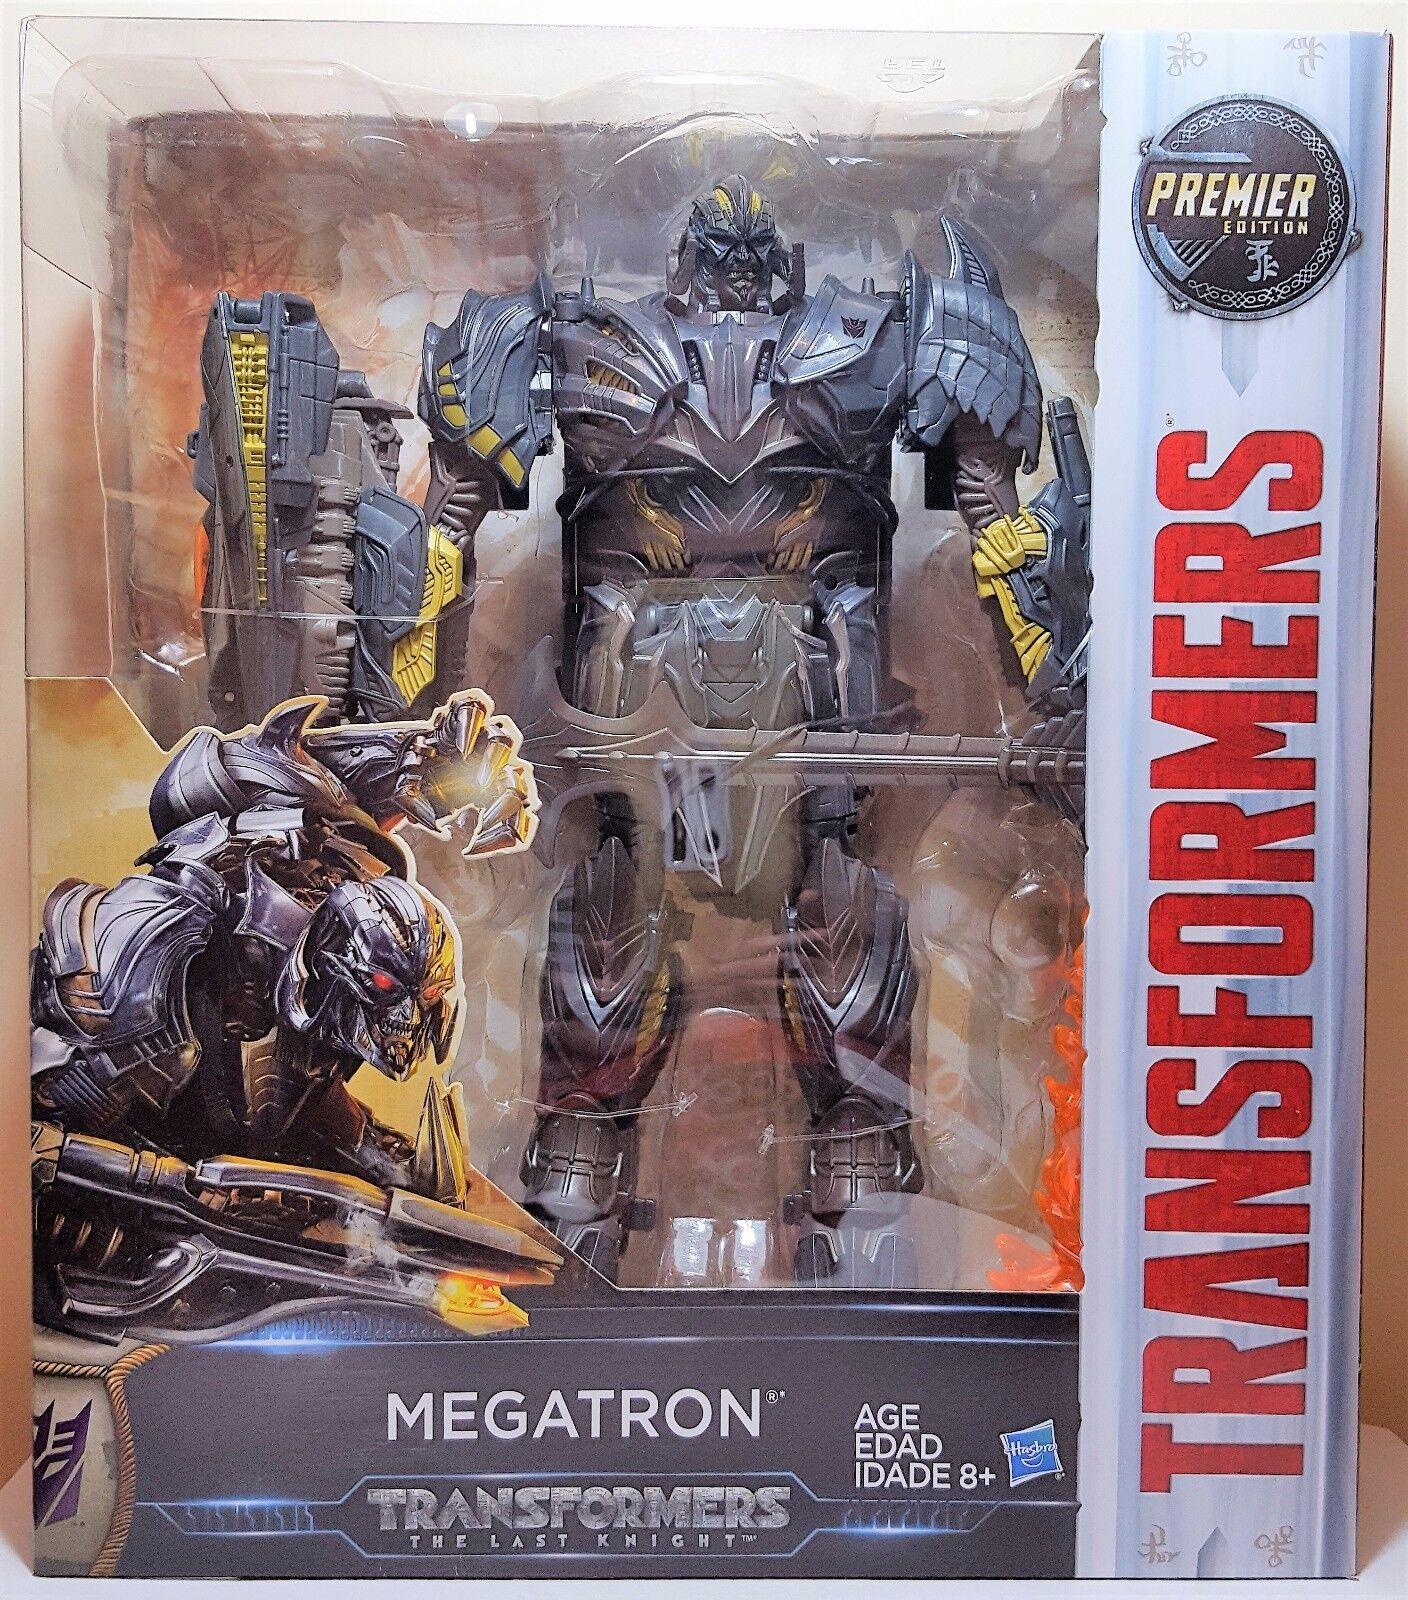 Tu satisfacción es nuestro objetivo Transformers Megatron Leader Class de la última edición edición edición Premier Caballero Hasbro  la red entera más baja